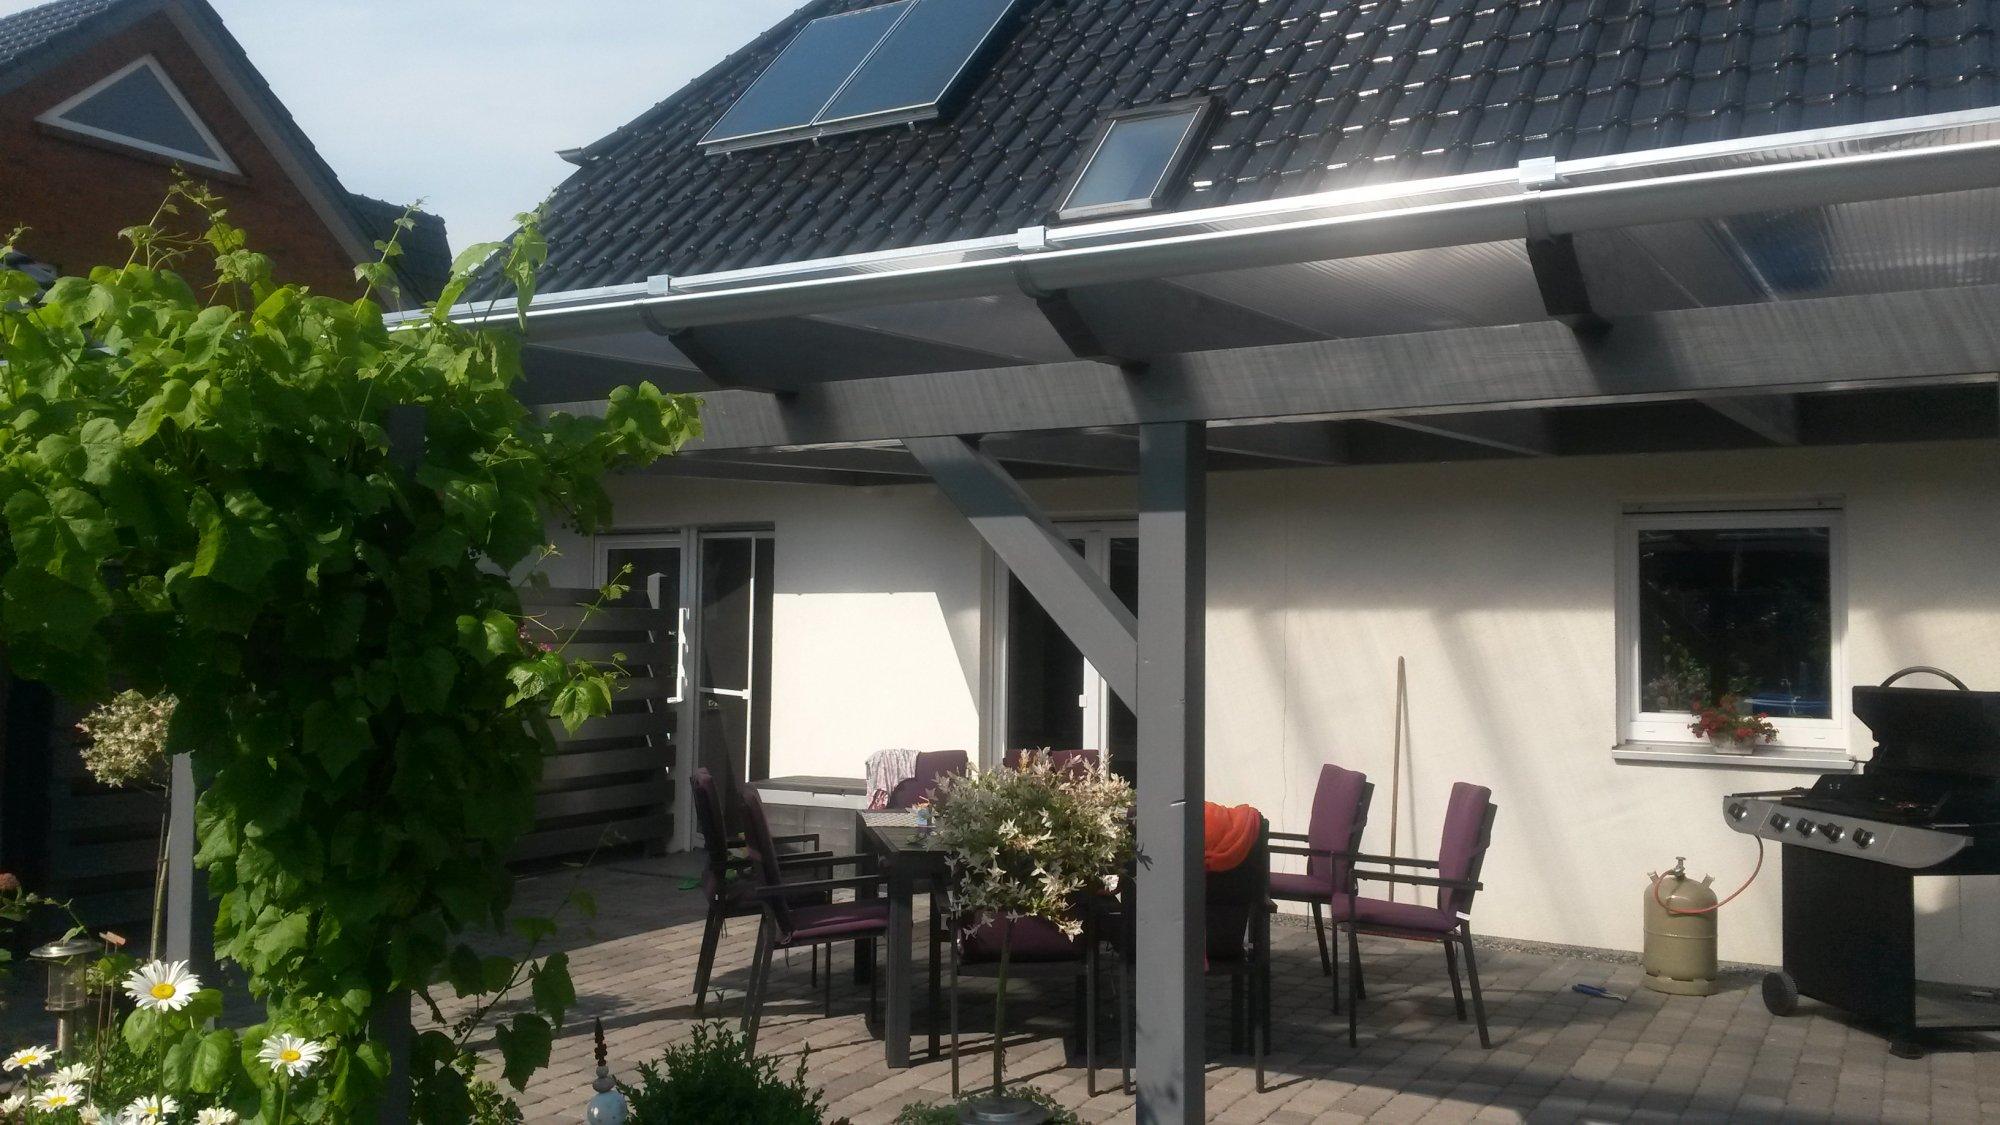 Outdoorküche Mit Spüle Lösen : Outdoorküche terrasse hilfe bauthread grillforum und bbq